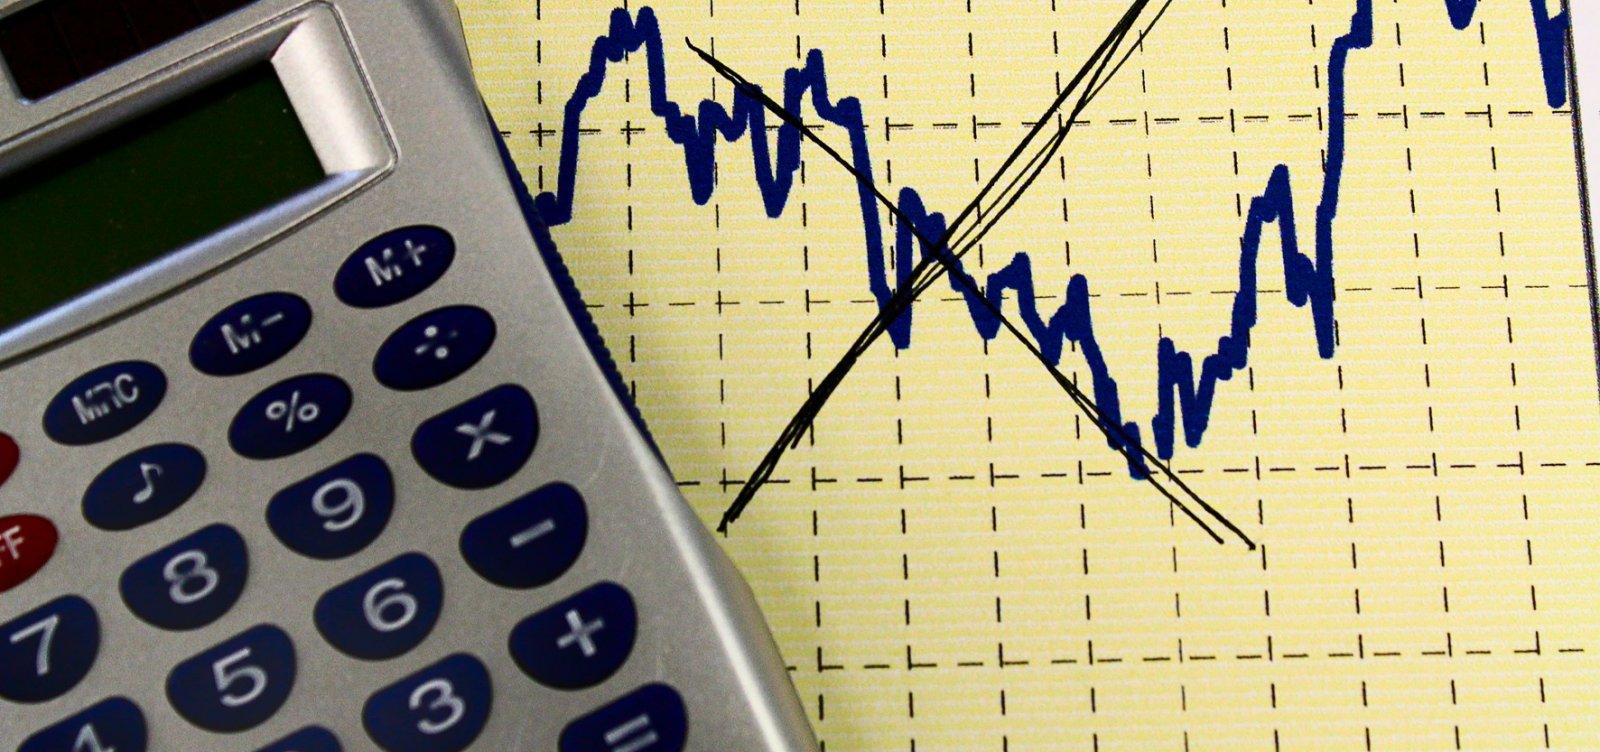 [De R$ 398 bilhões contra Covid-19, 86% foram destinados à economia]